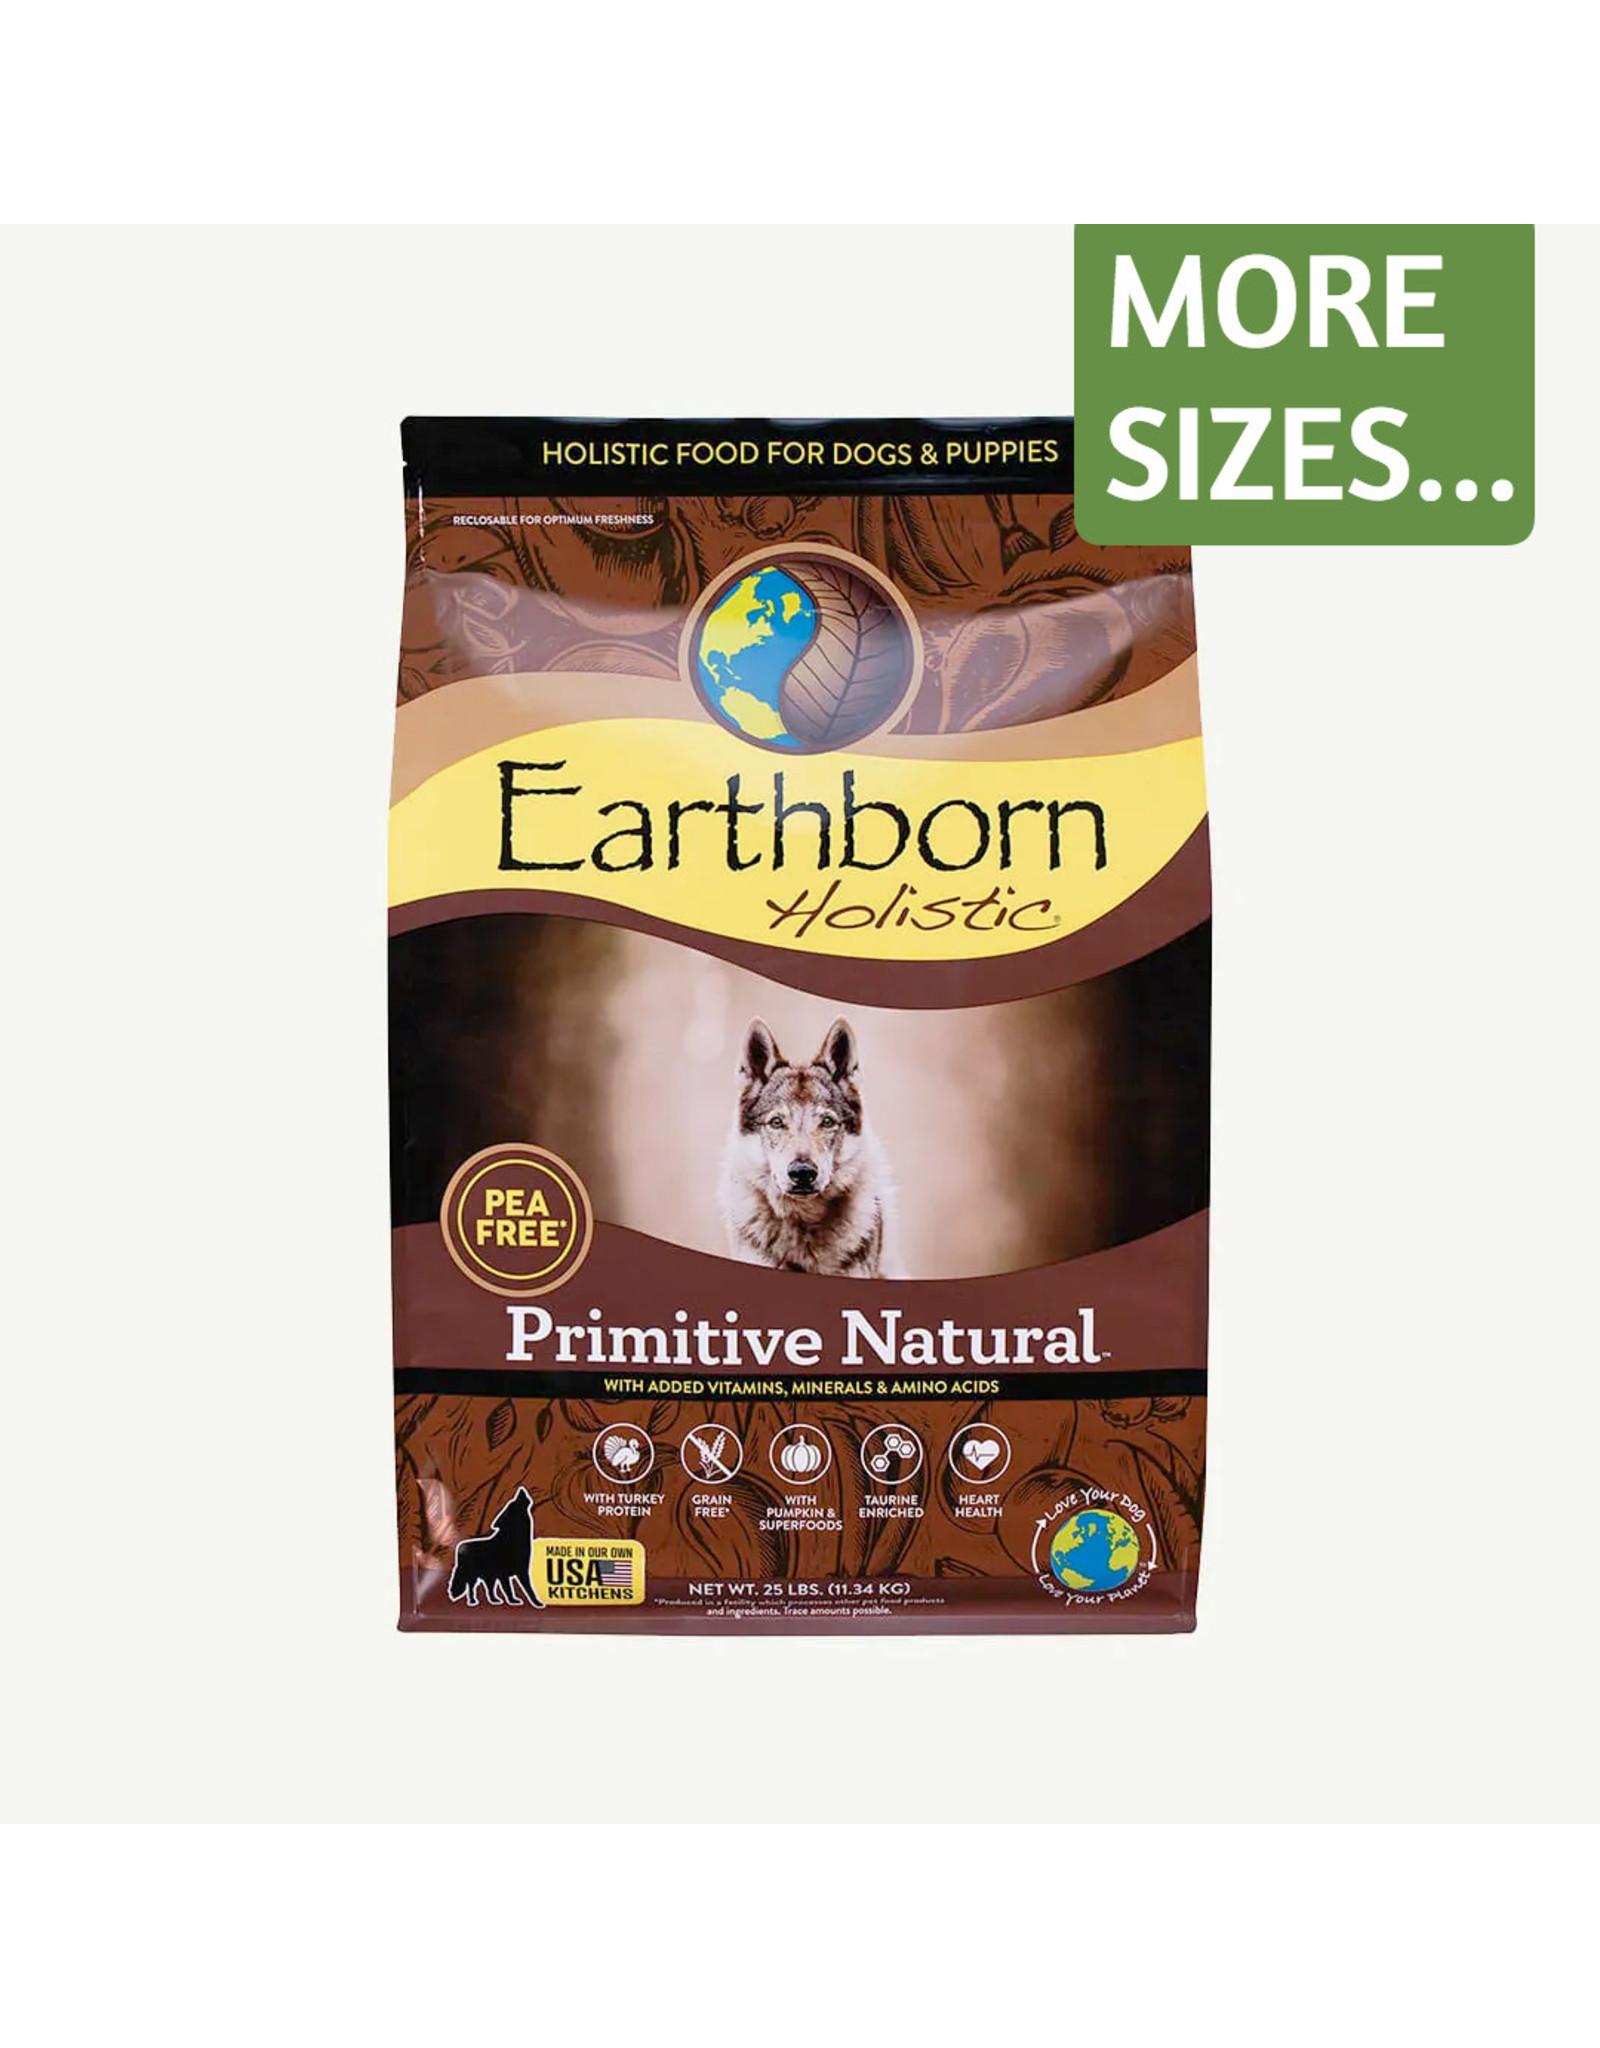 Earthborn Earthborn Holistic Dry Dog Food Primitive Natural Pea Free Grain Free